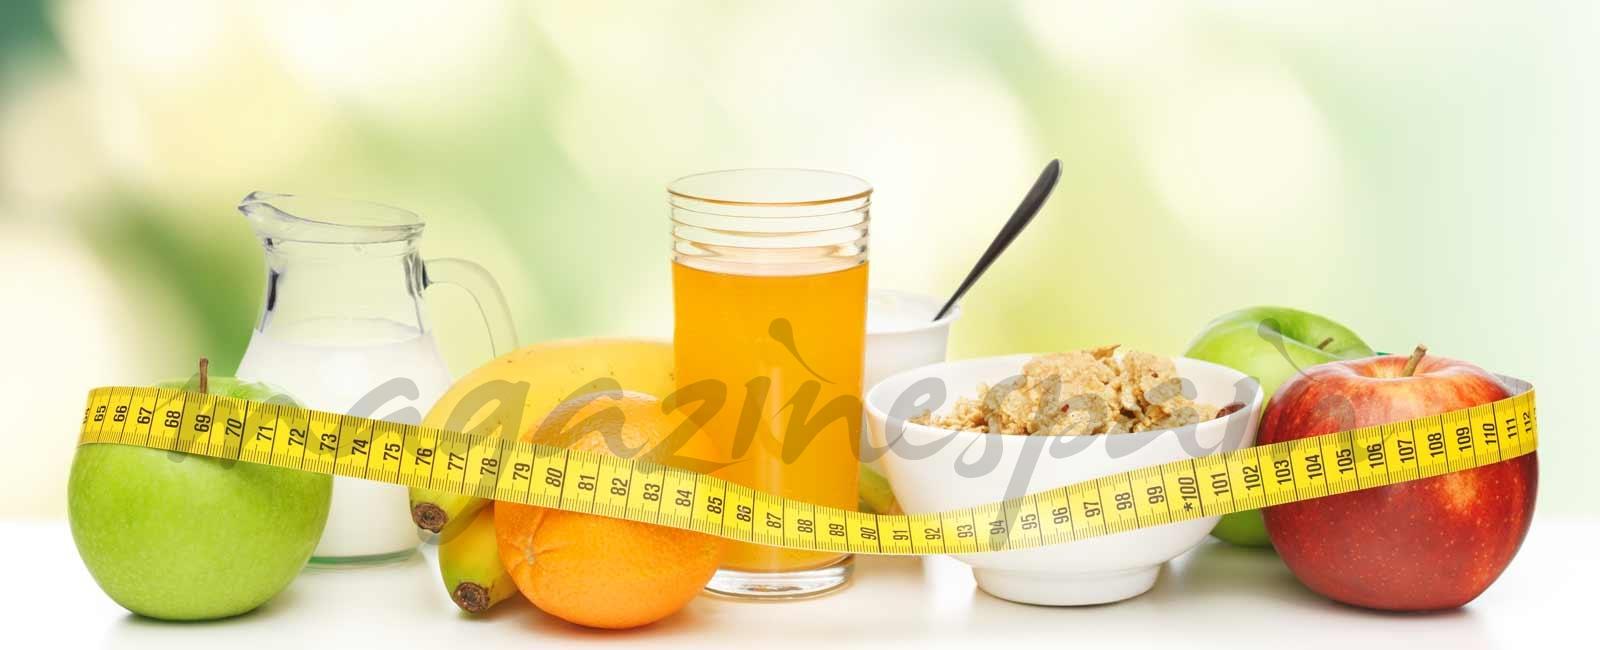 Los nutricionistas alertan del peligro de las dietas milagro